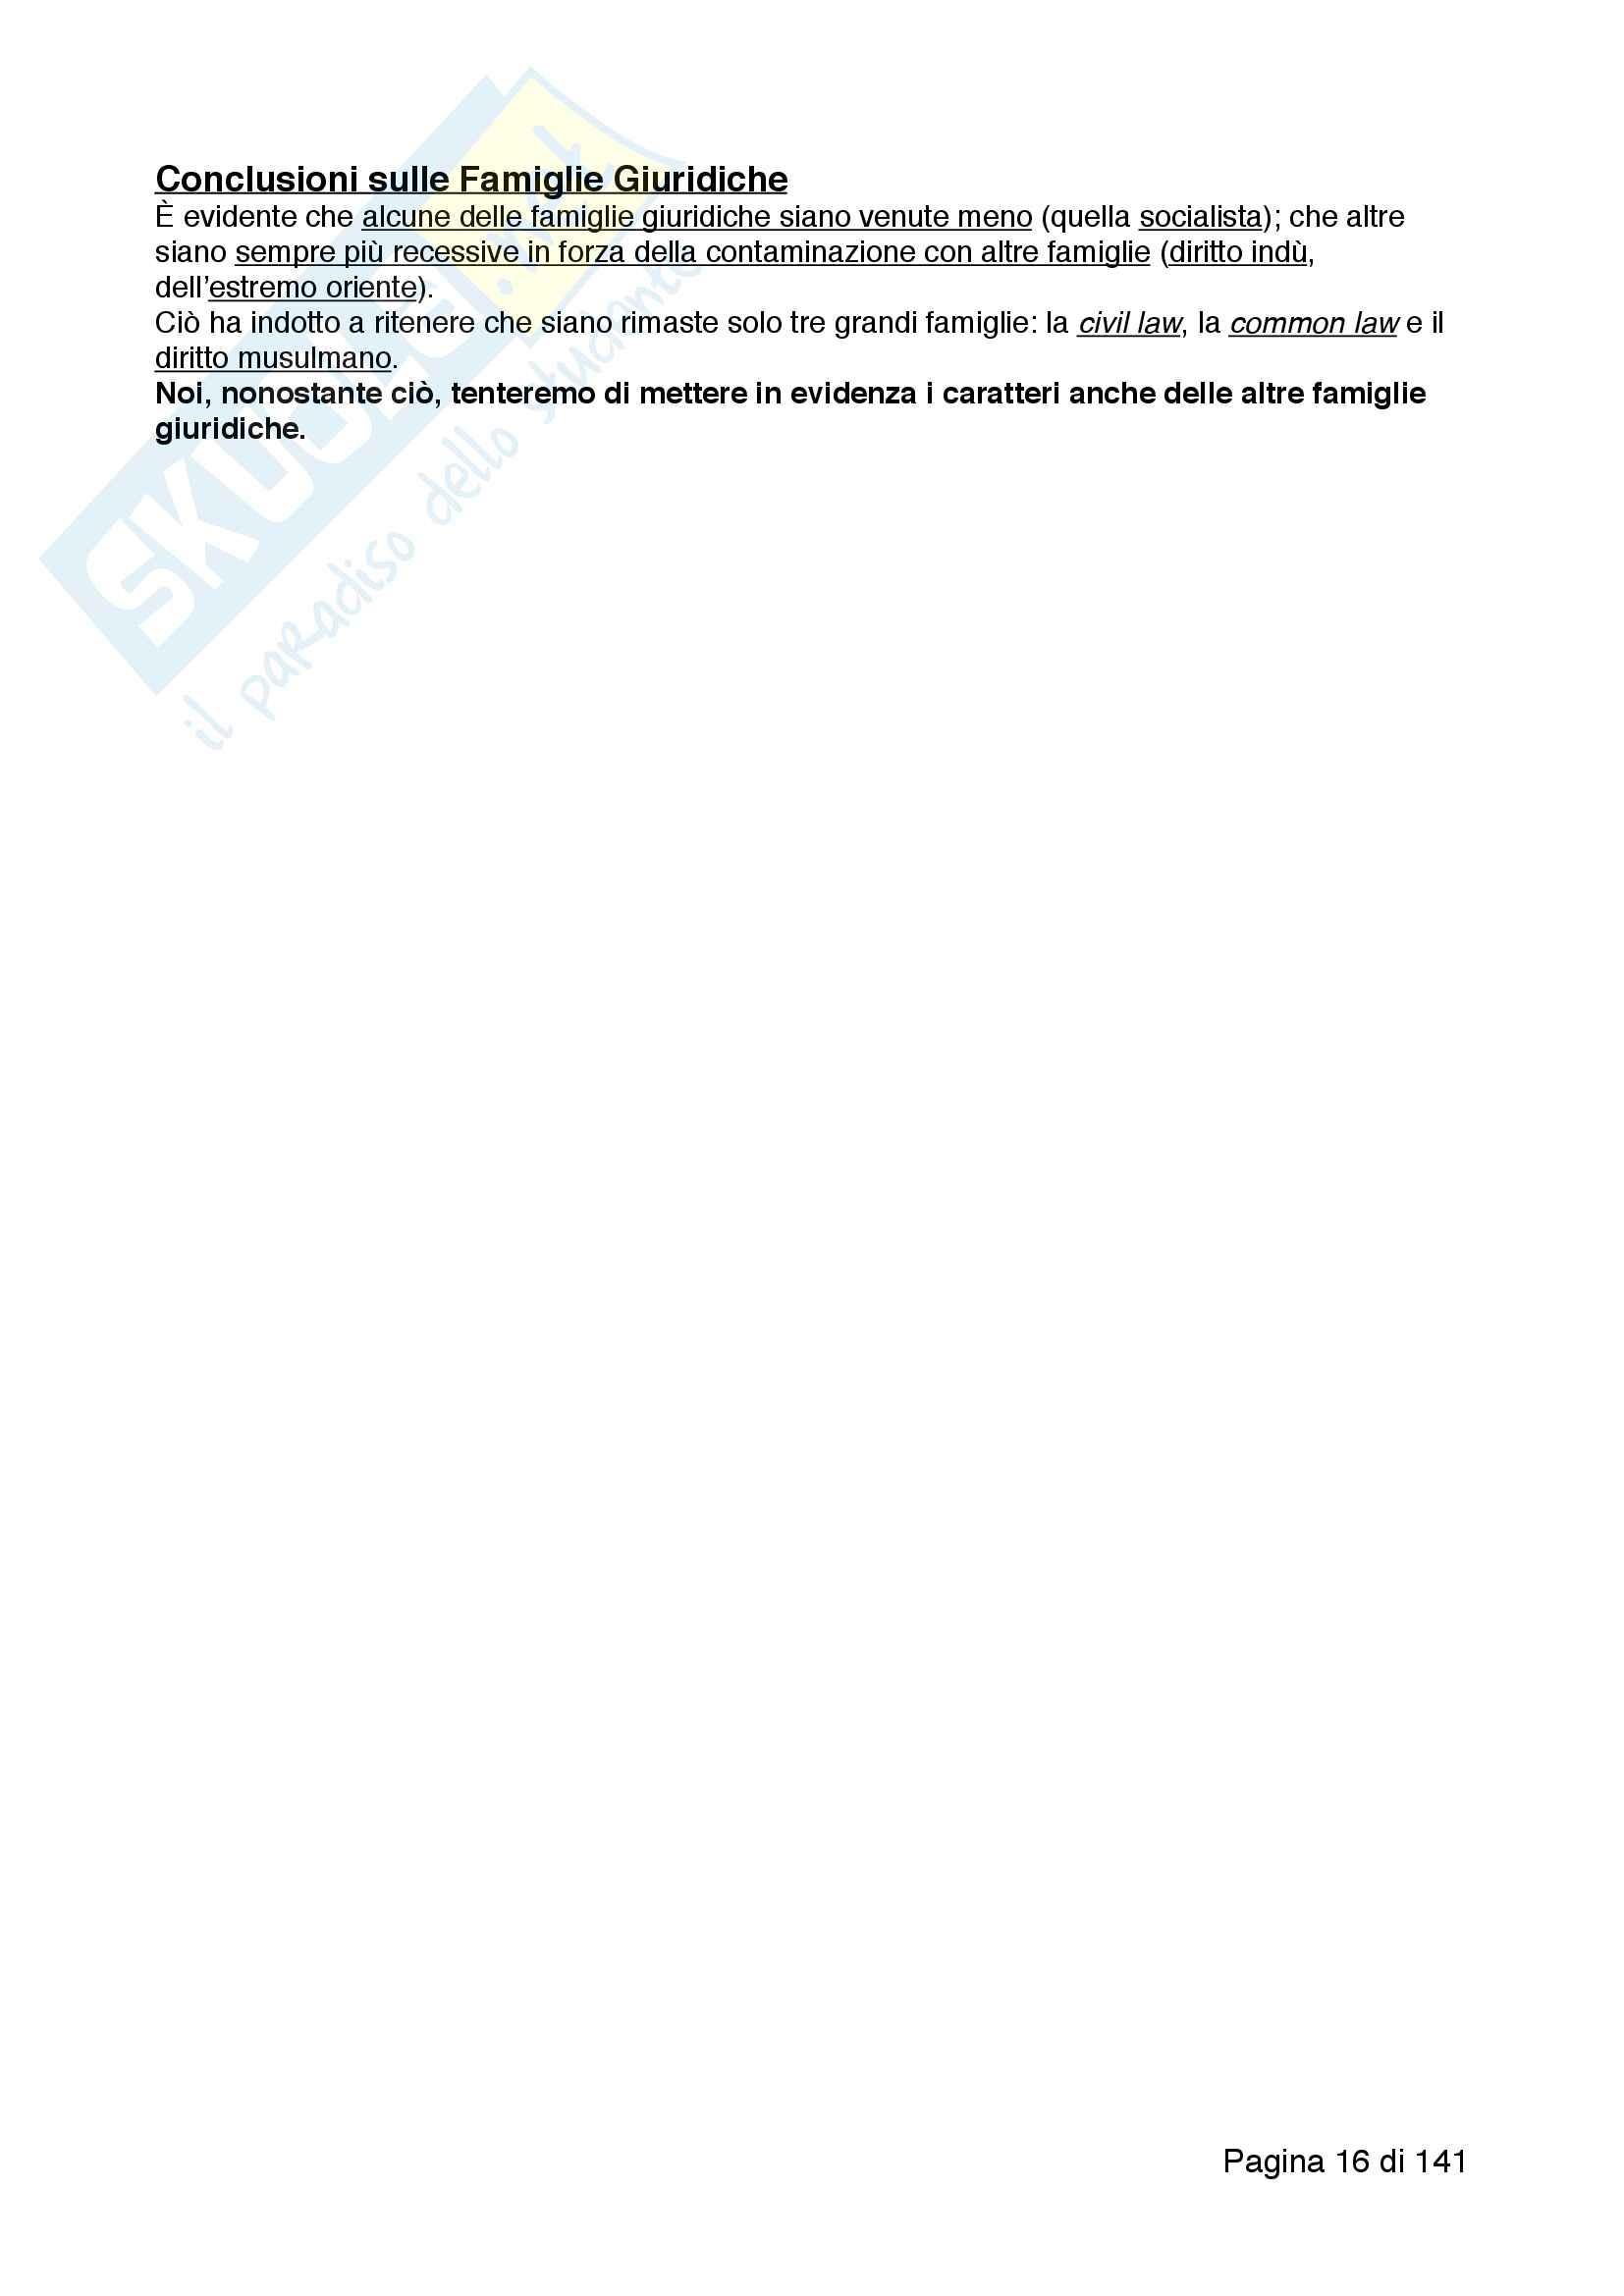 Calendario Olandese 2019 Con Santi Recientes Riassunto Esame Diritto Prof Nicolini Libro Consigliato Materiali Of Calendario Olandese 2019 Con Santi Más Populares Il Domani by T&p Editori Il Domani issuu